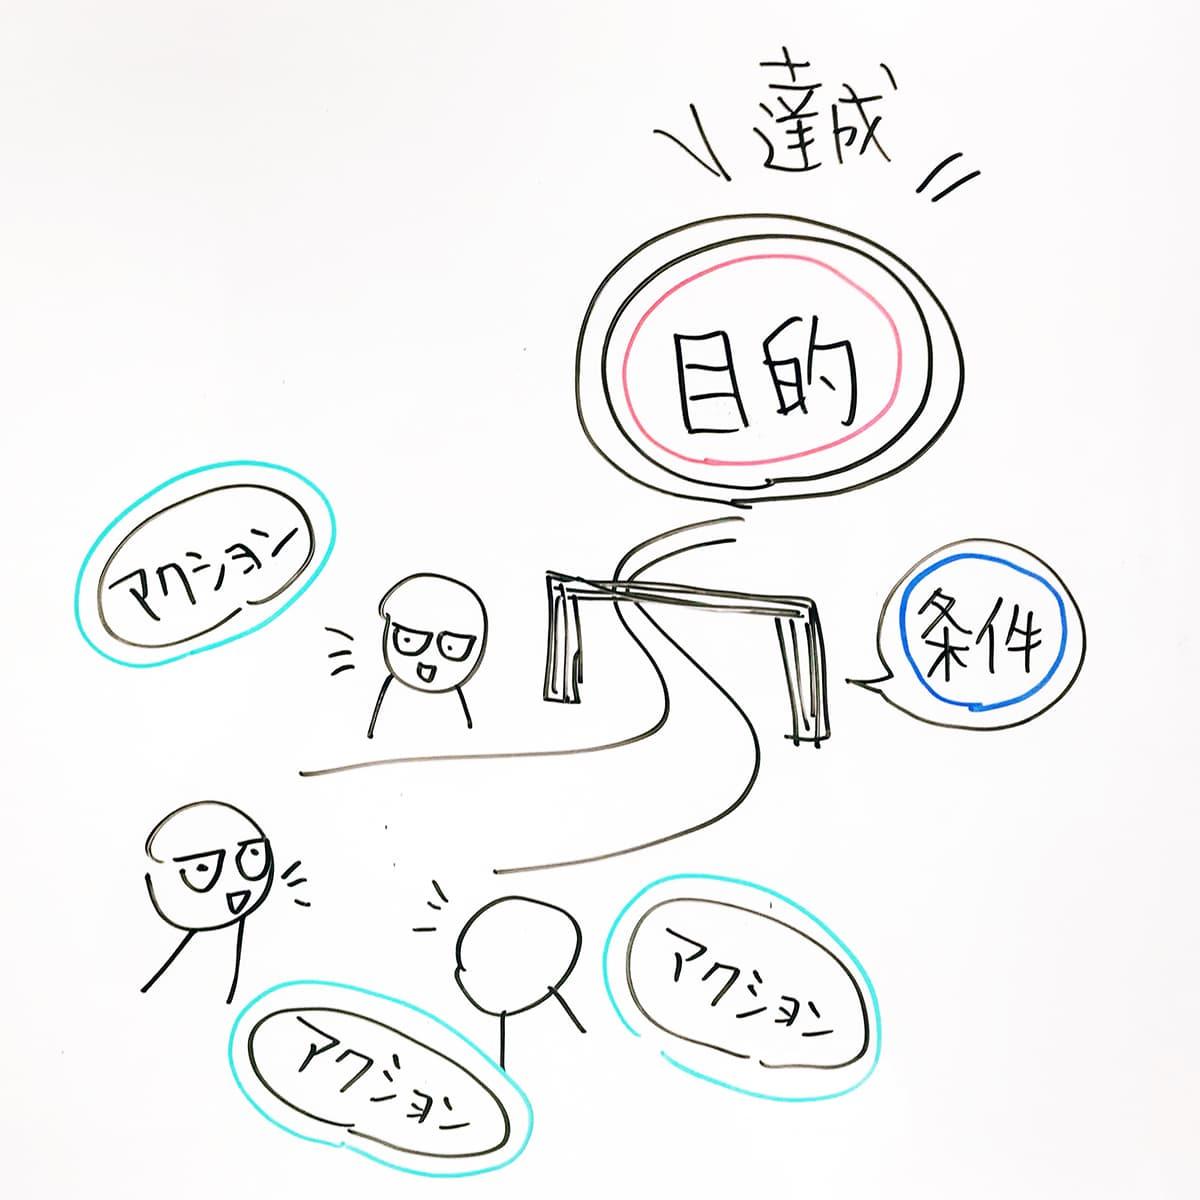 アイキャッチ画像:会議や打ち合わせは目的のかたまり